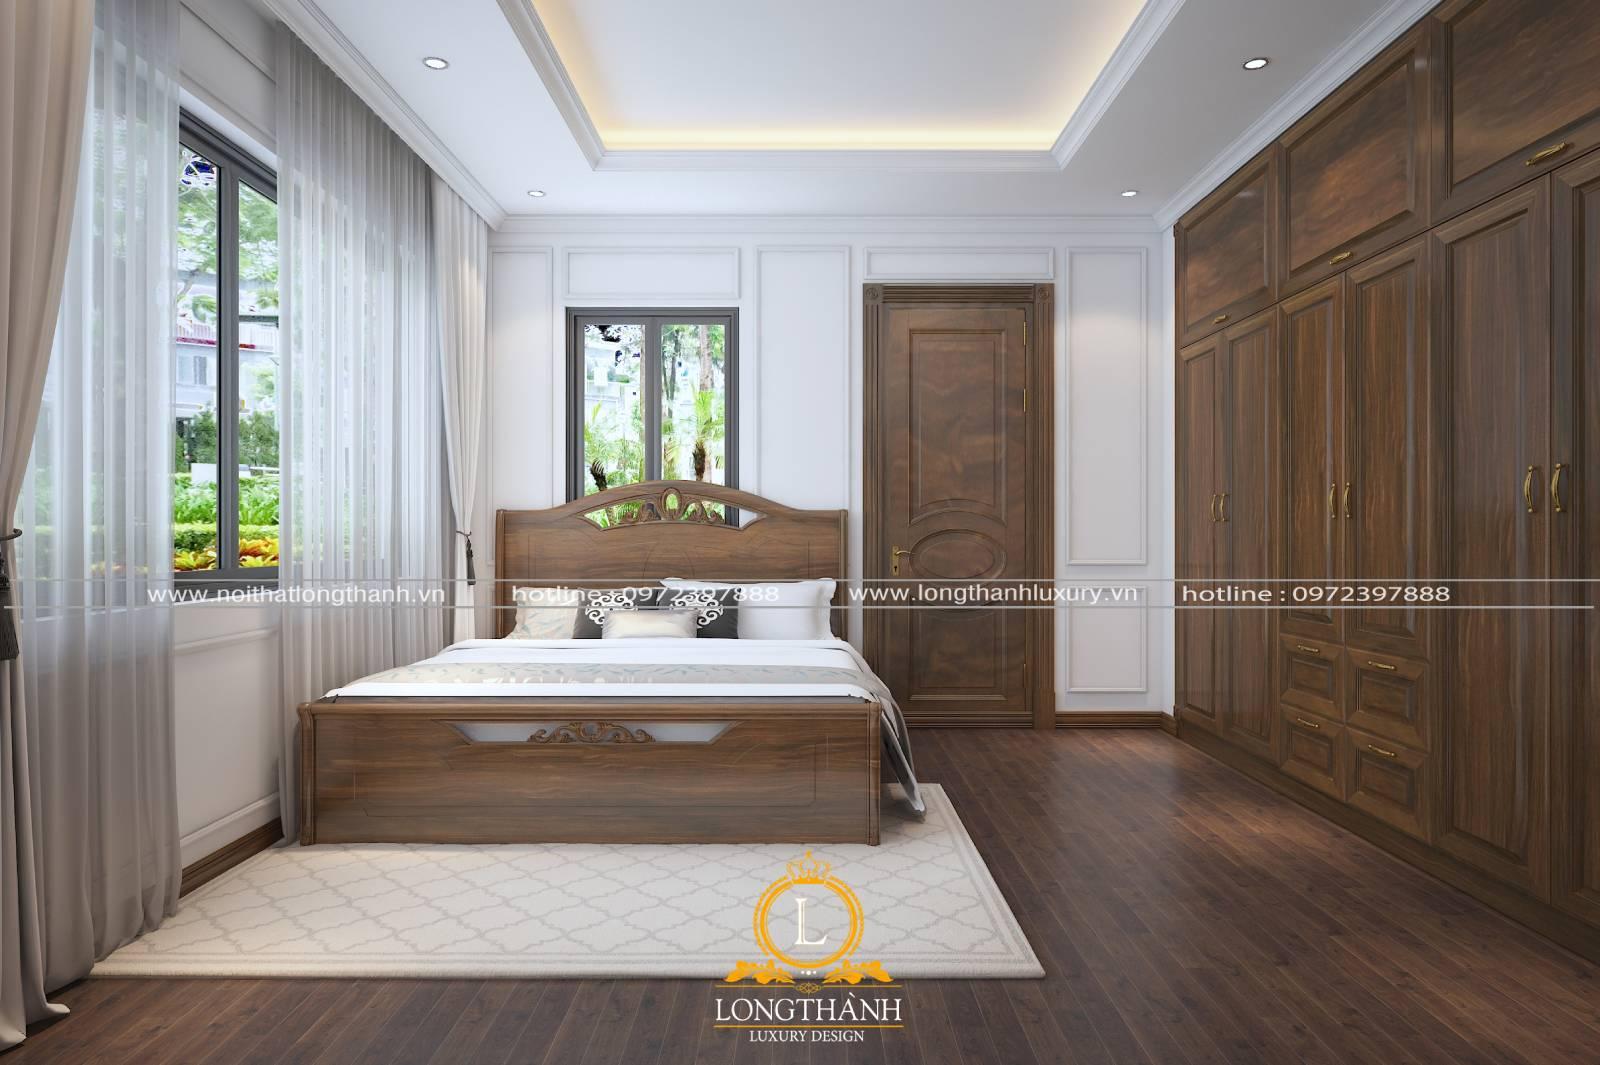 Mẫu nội thất VIP cho phòng ngủ tân cổ điển khách sạn